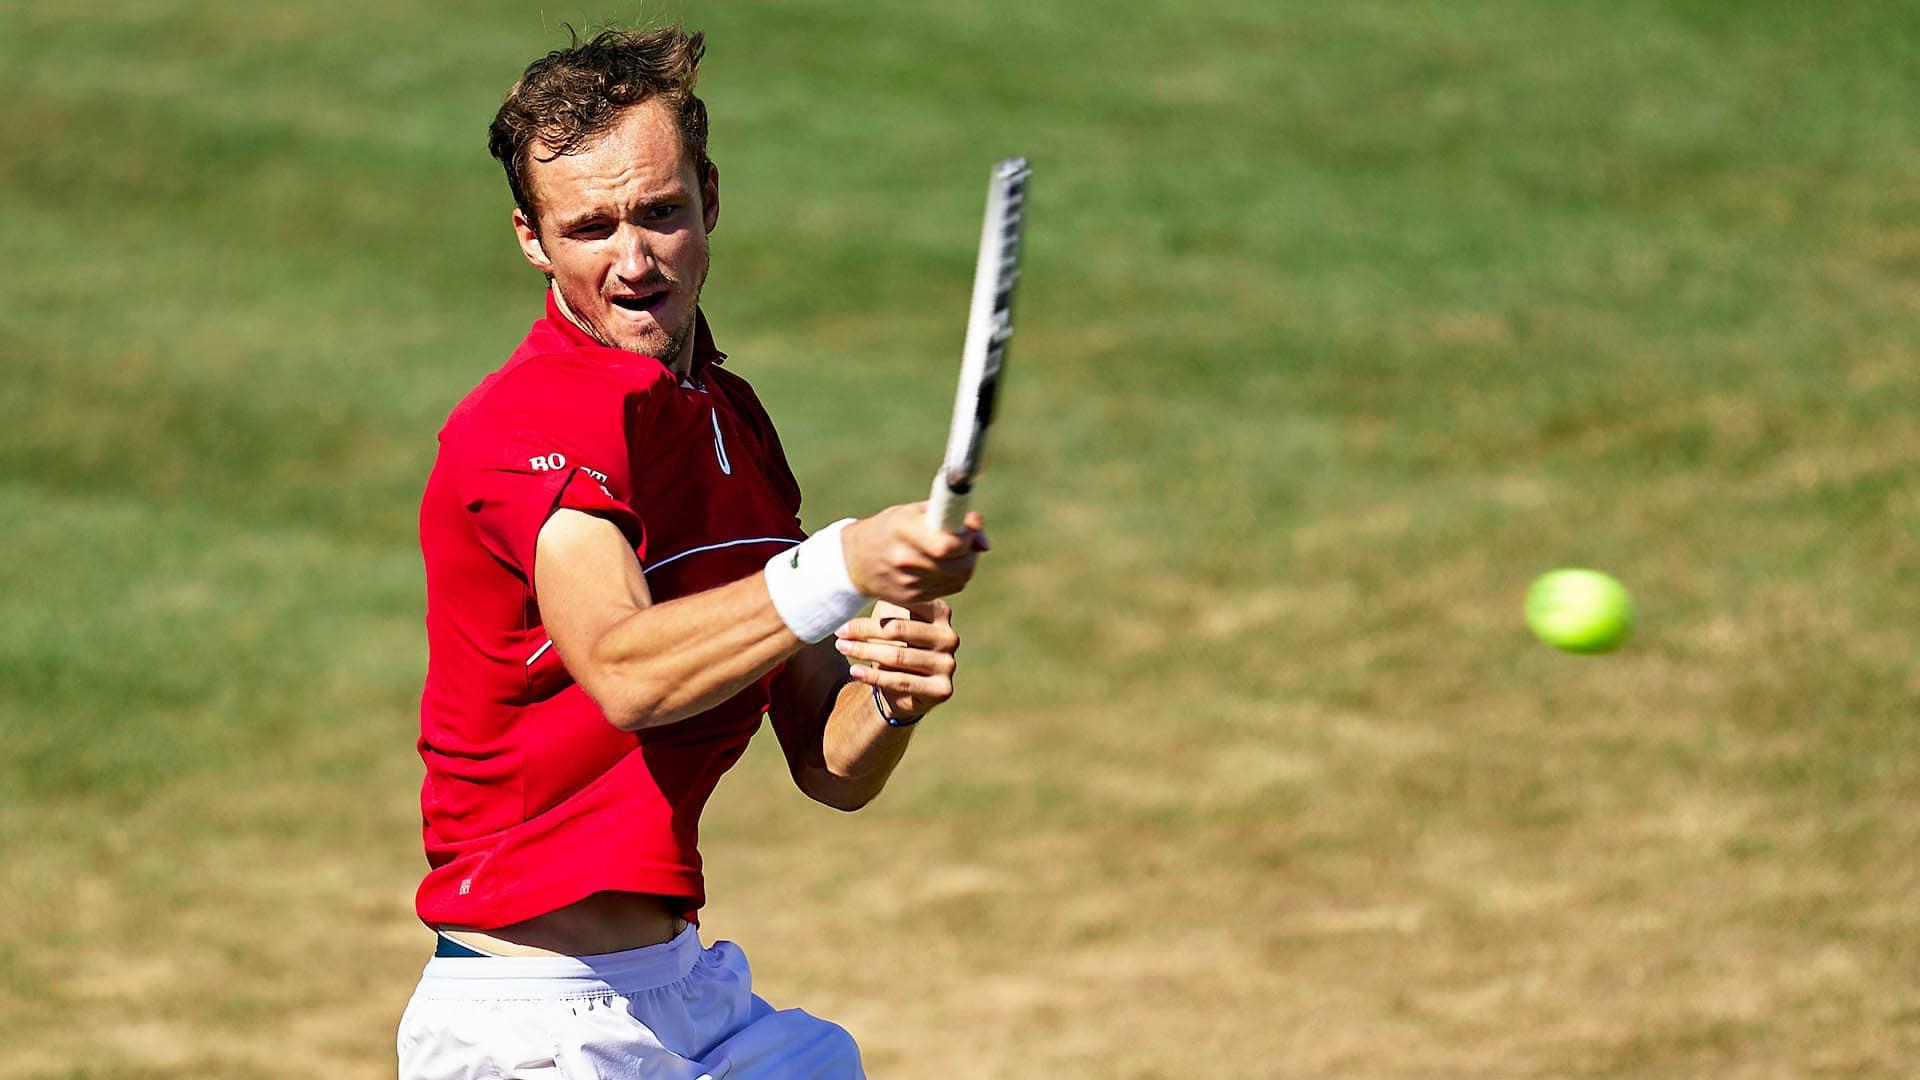 Mallorca Open 2021: Daniil Medvedev vs. Pablo Carreno Busta Tennis Pick and Prediction